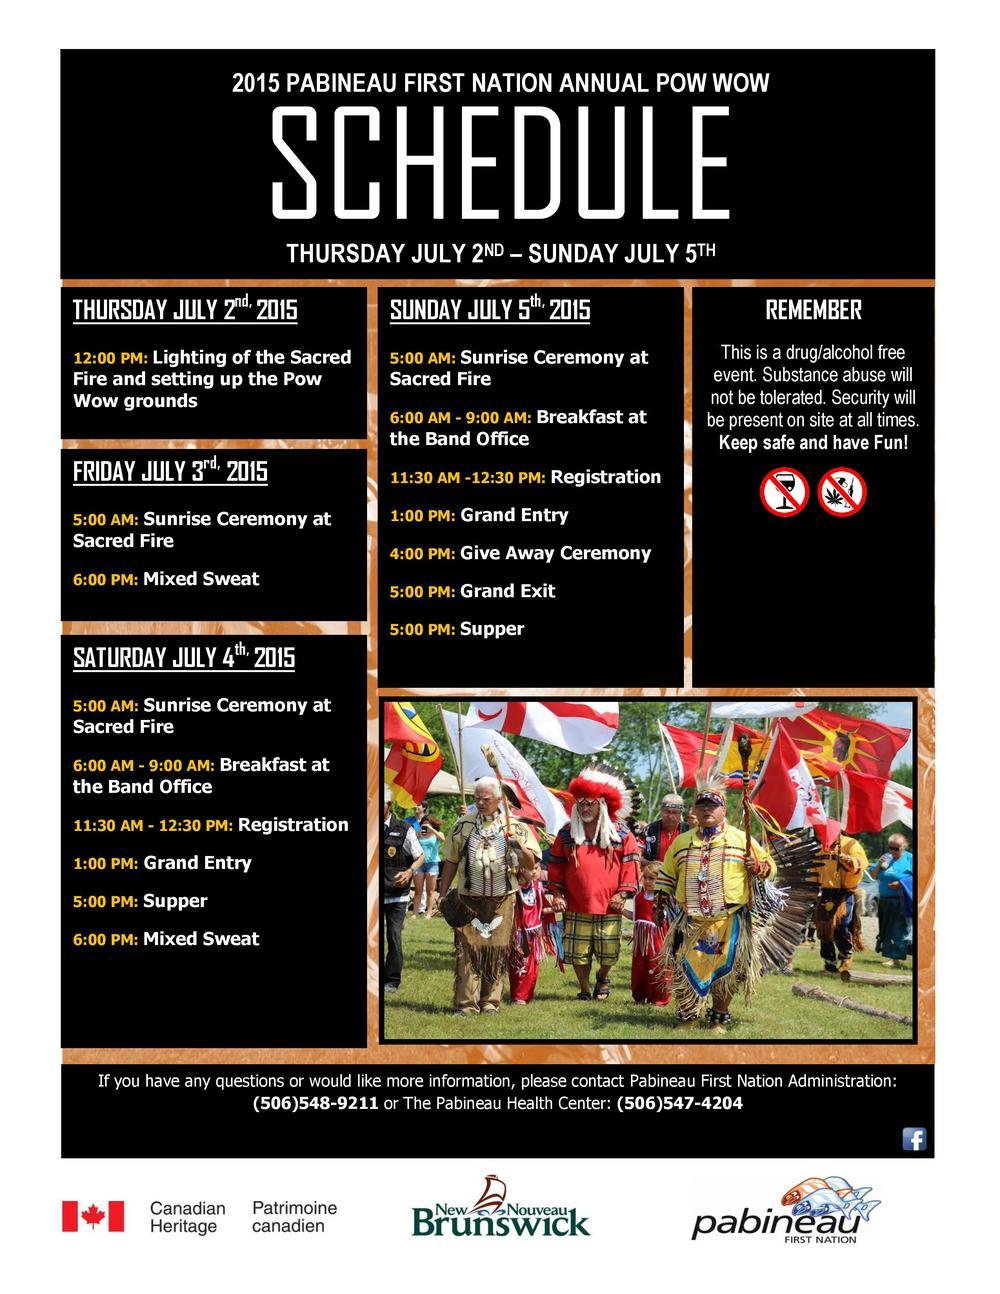 2015 Pabineau Pow Wow schedule